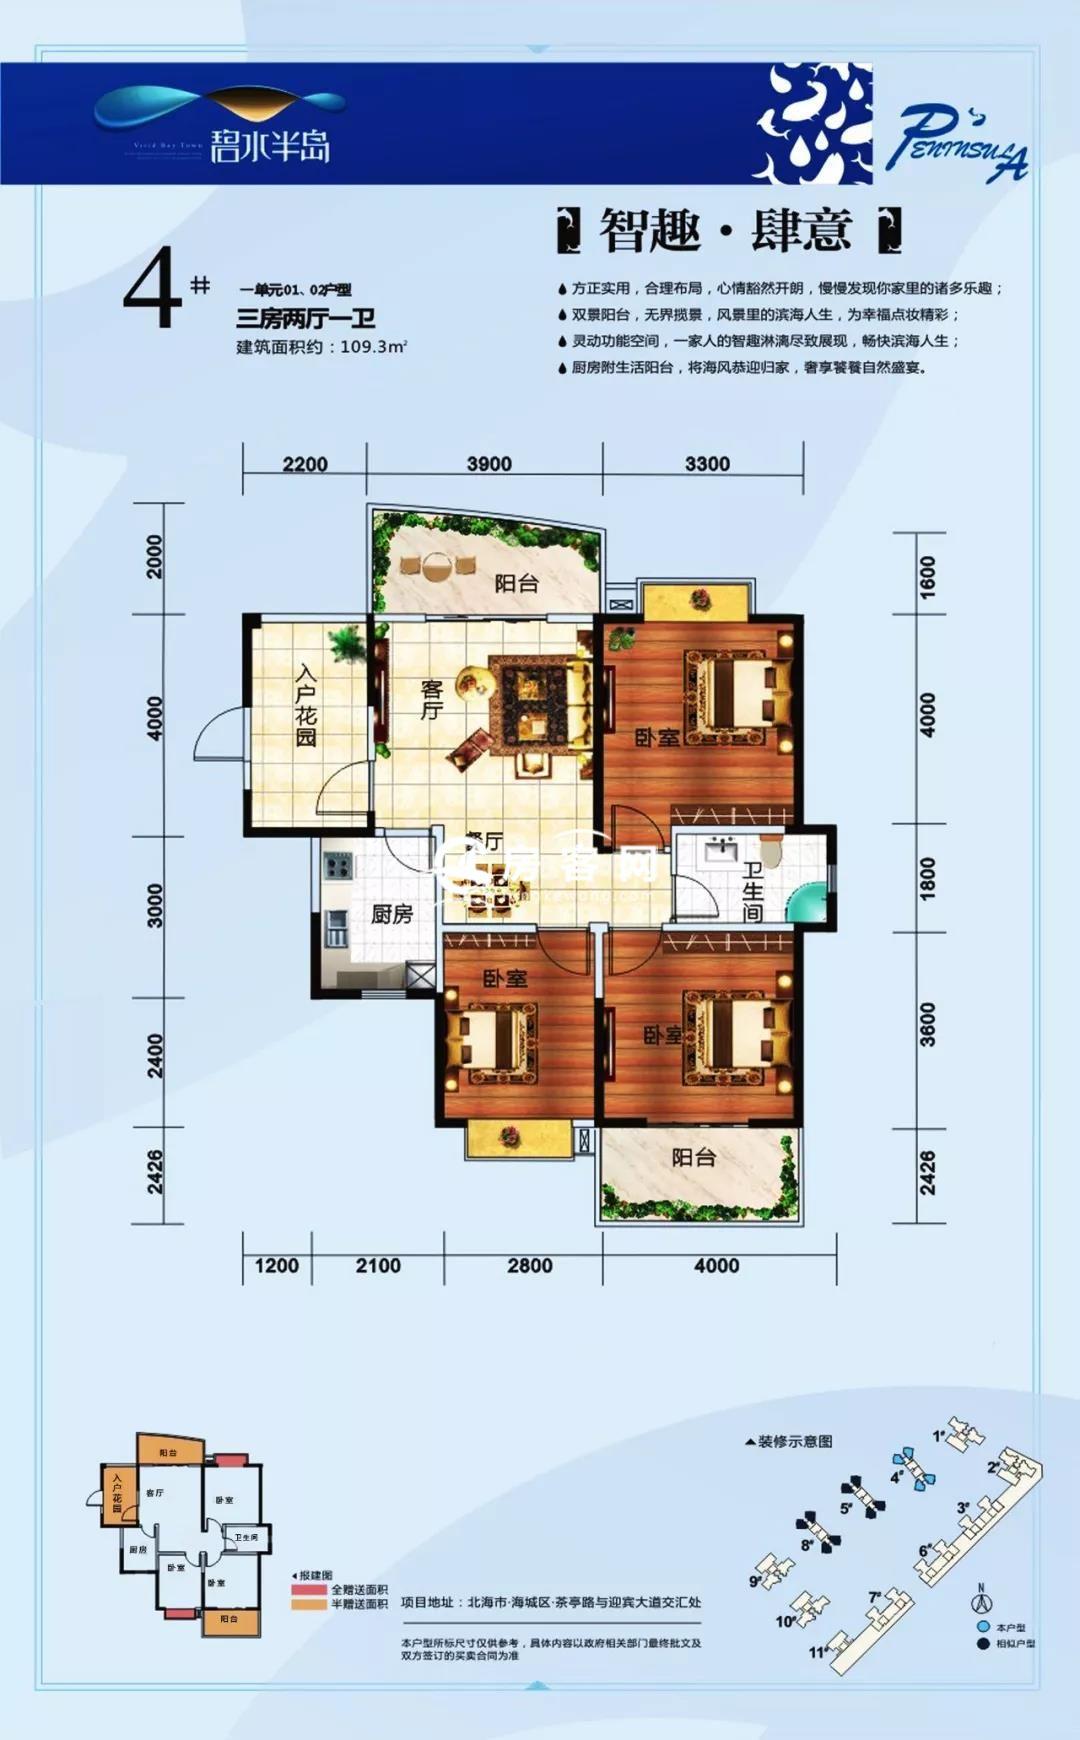 4#户型 3室2厅1卫 建面109.3㎡